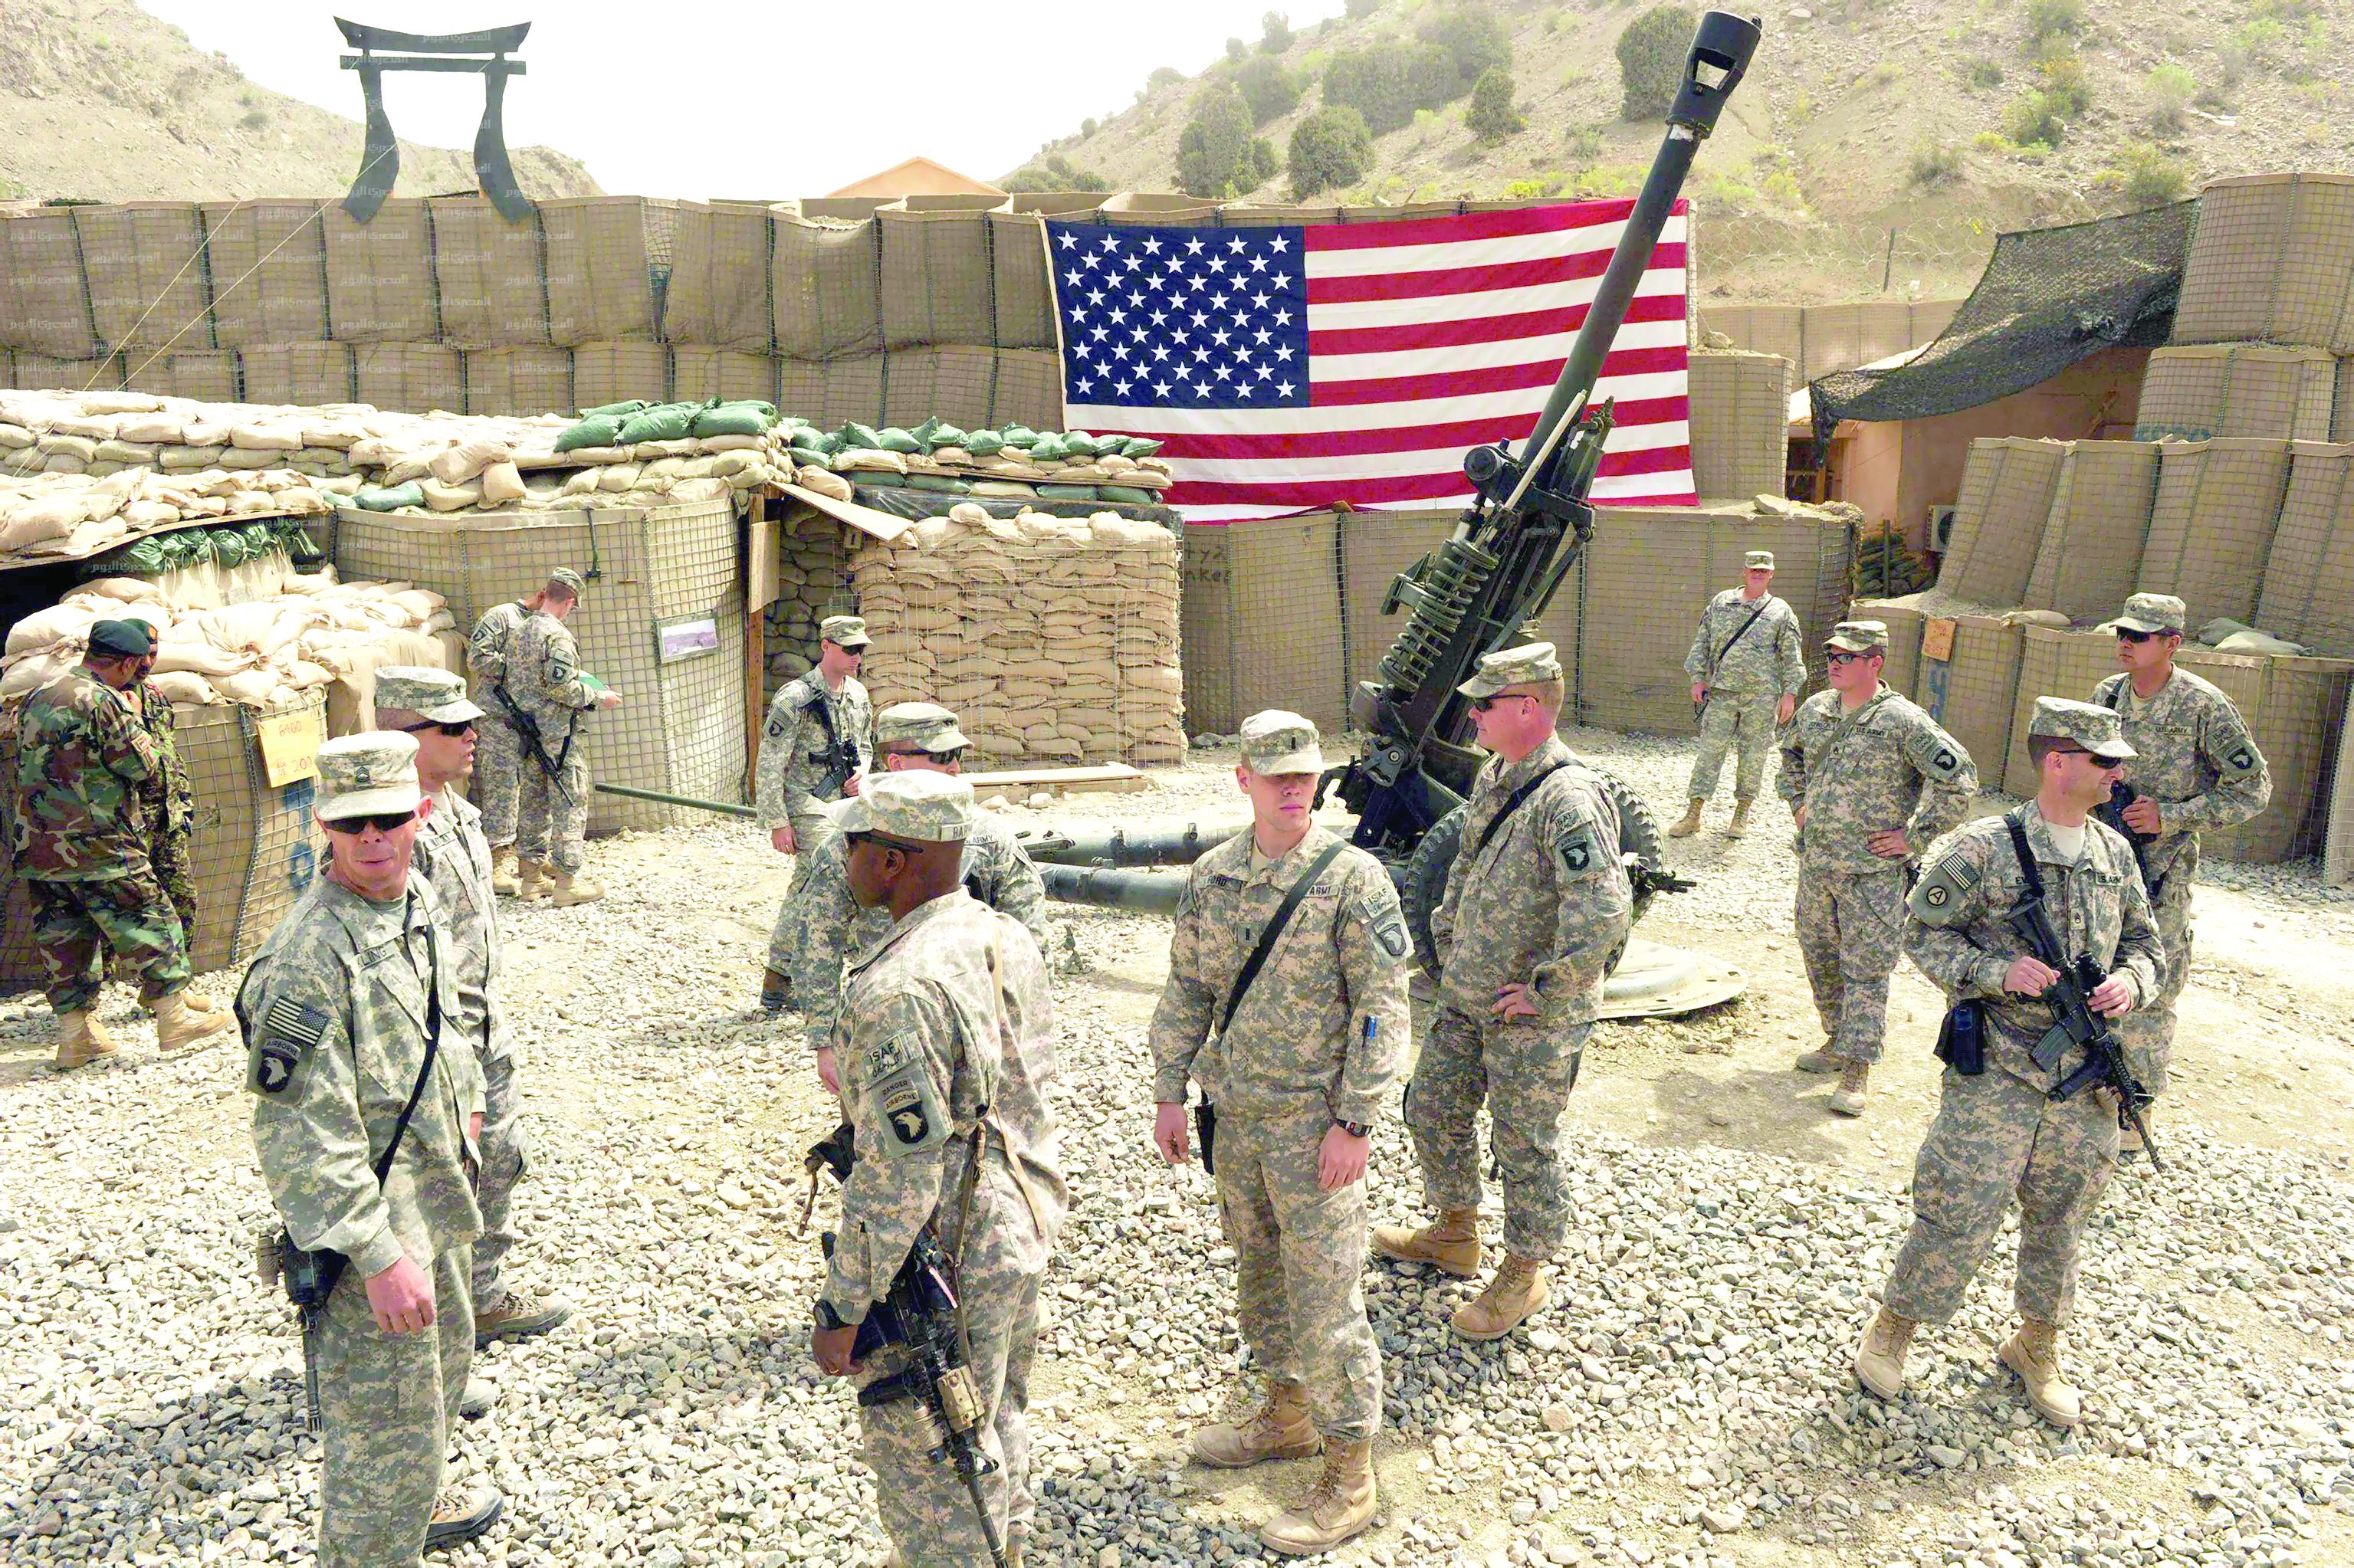 ضغوط تدفع لابطاء الانسحاب الامريكي من افغانستان